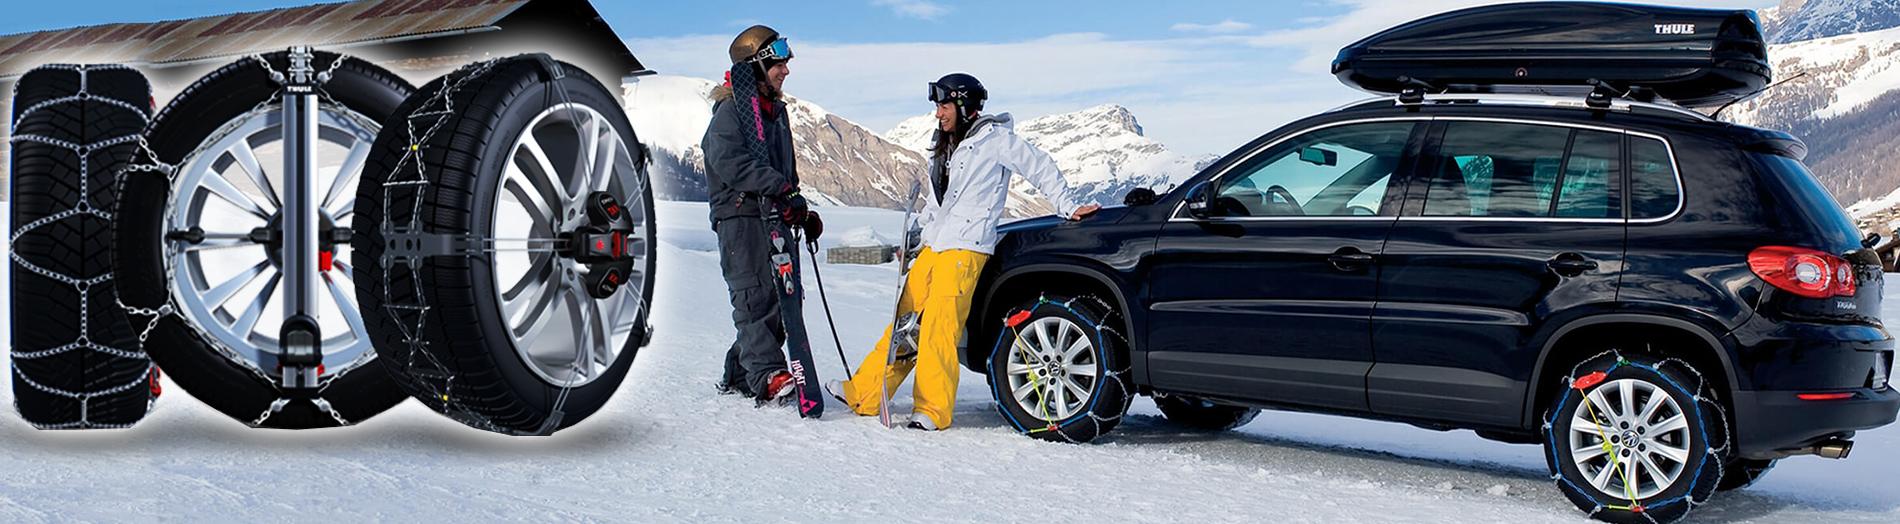 Шофирайте през зимата безопасно и сигурно с професионални и качествени вериги за сняг